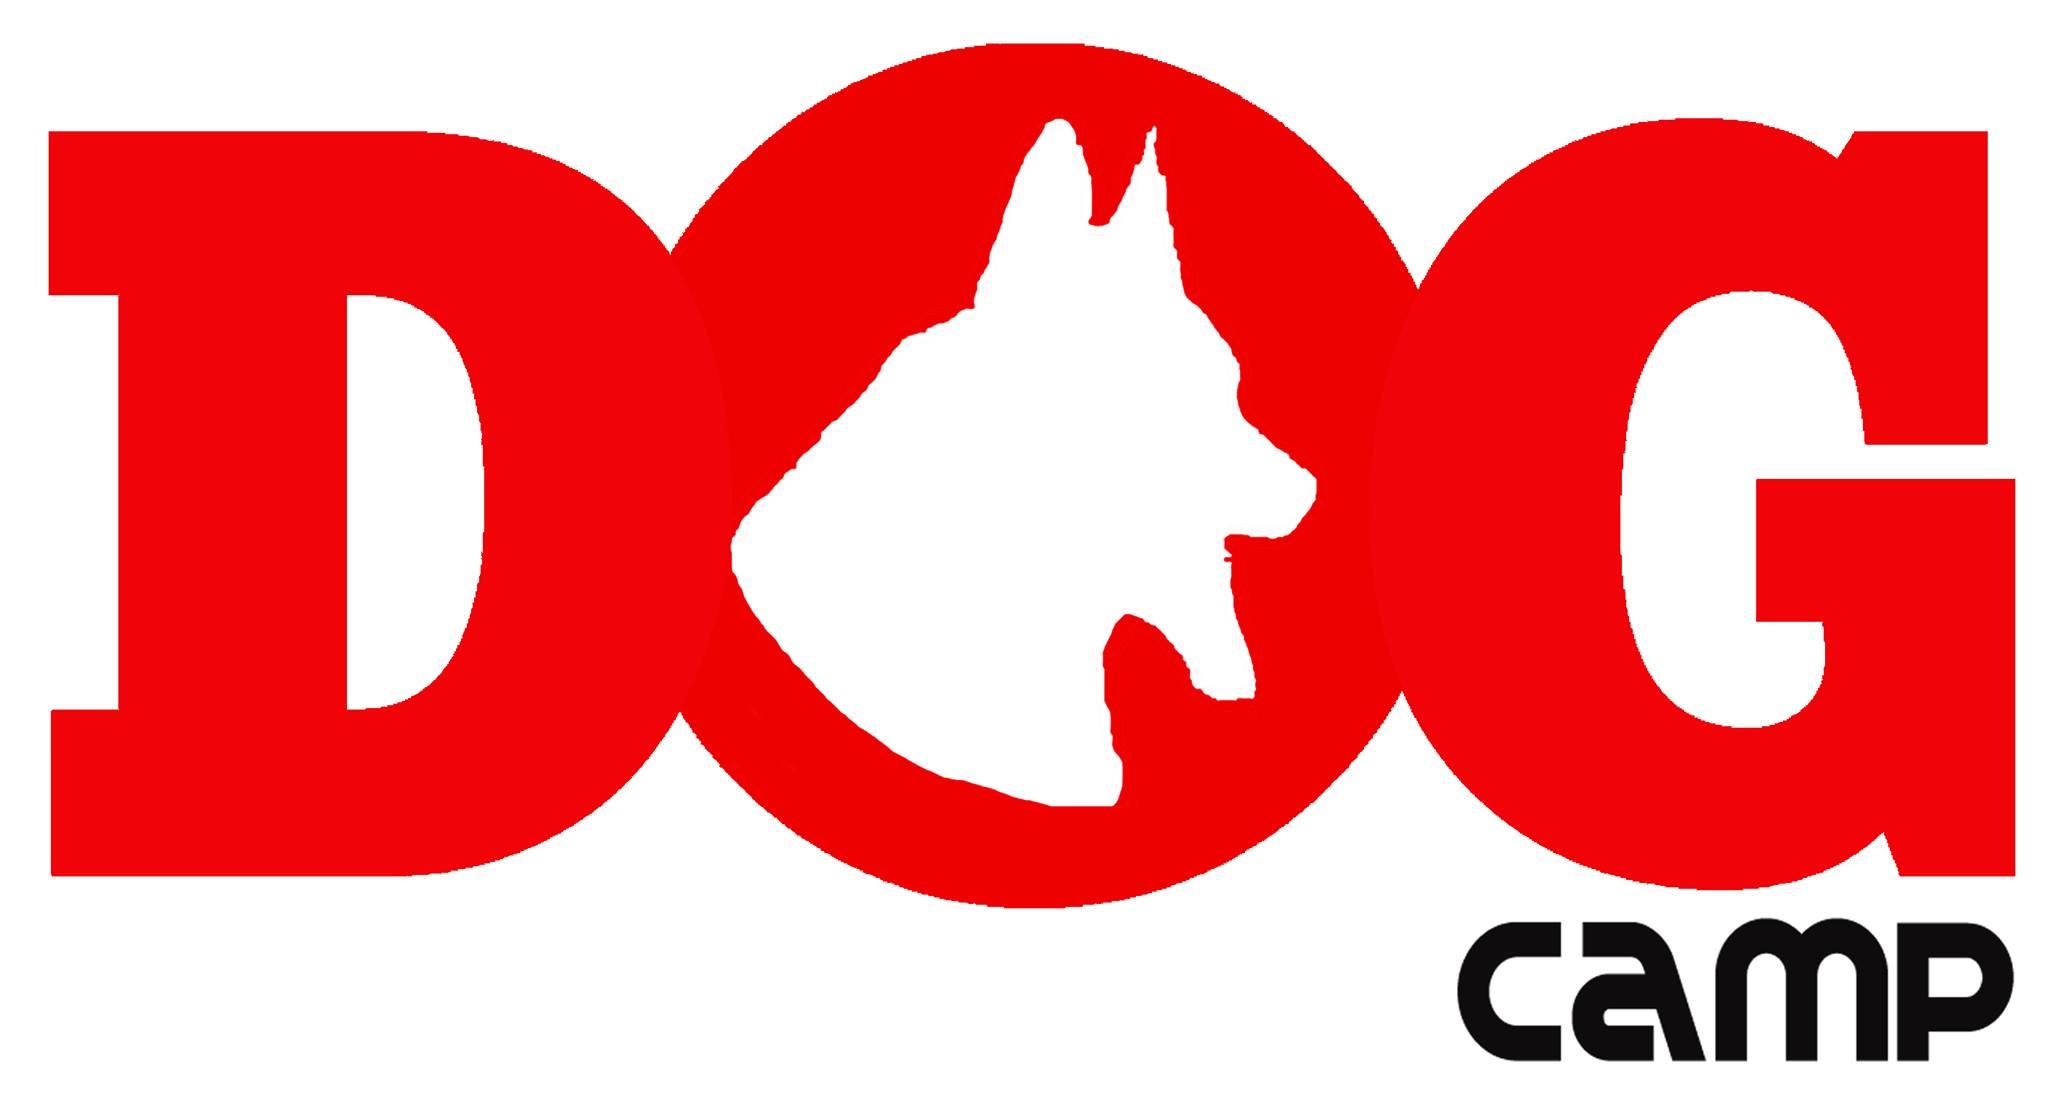 Dog Camp - Escola de cães